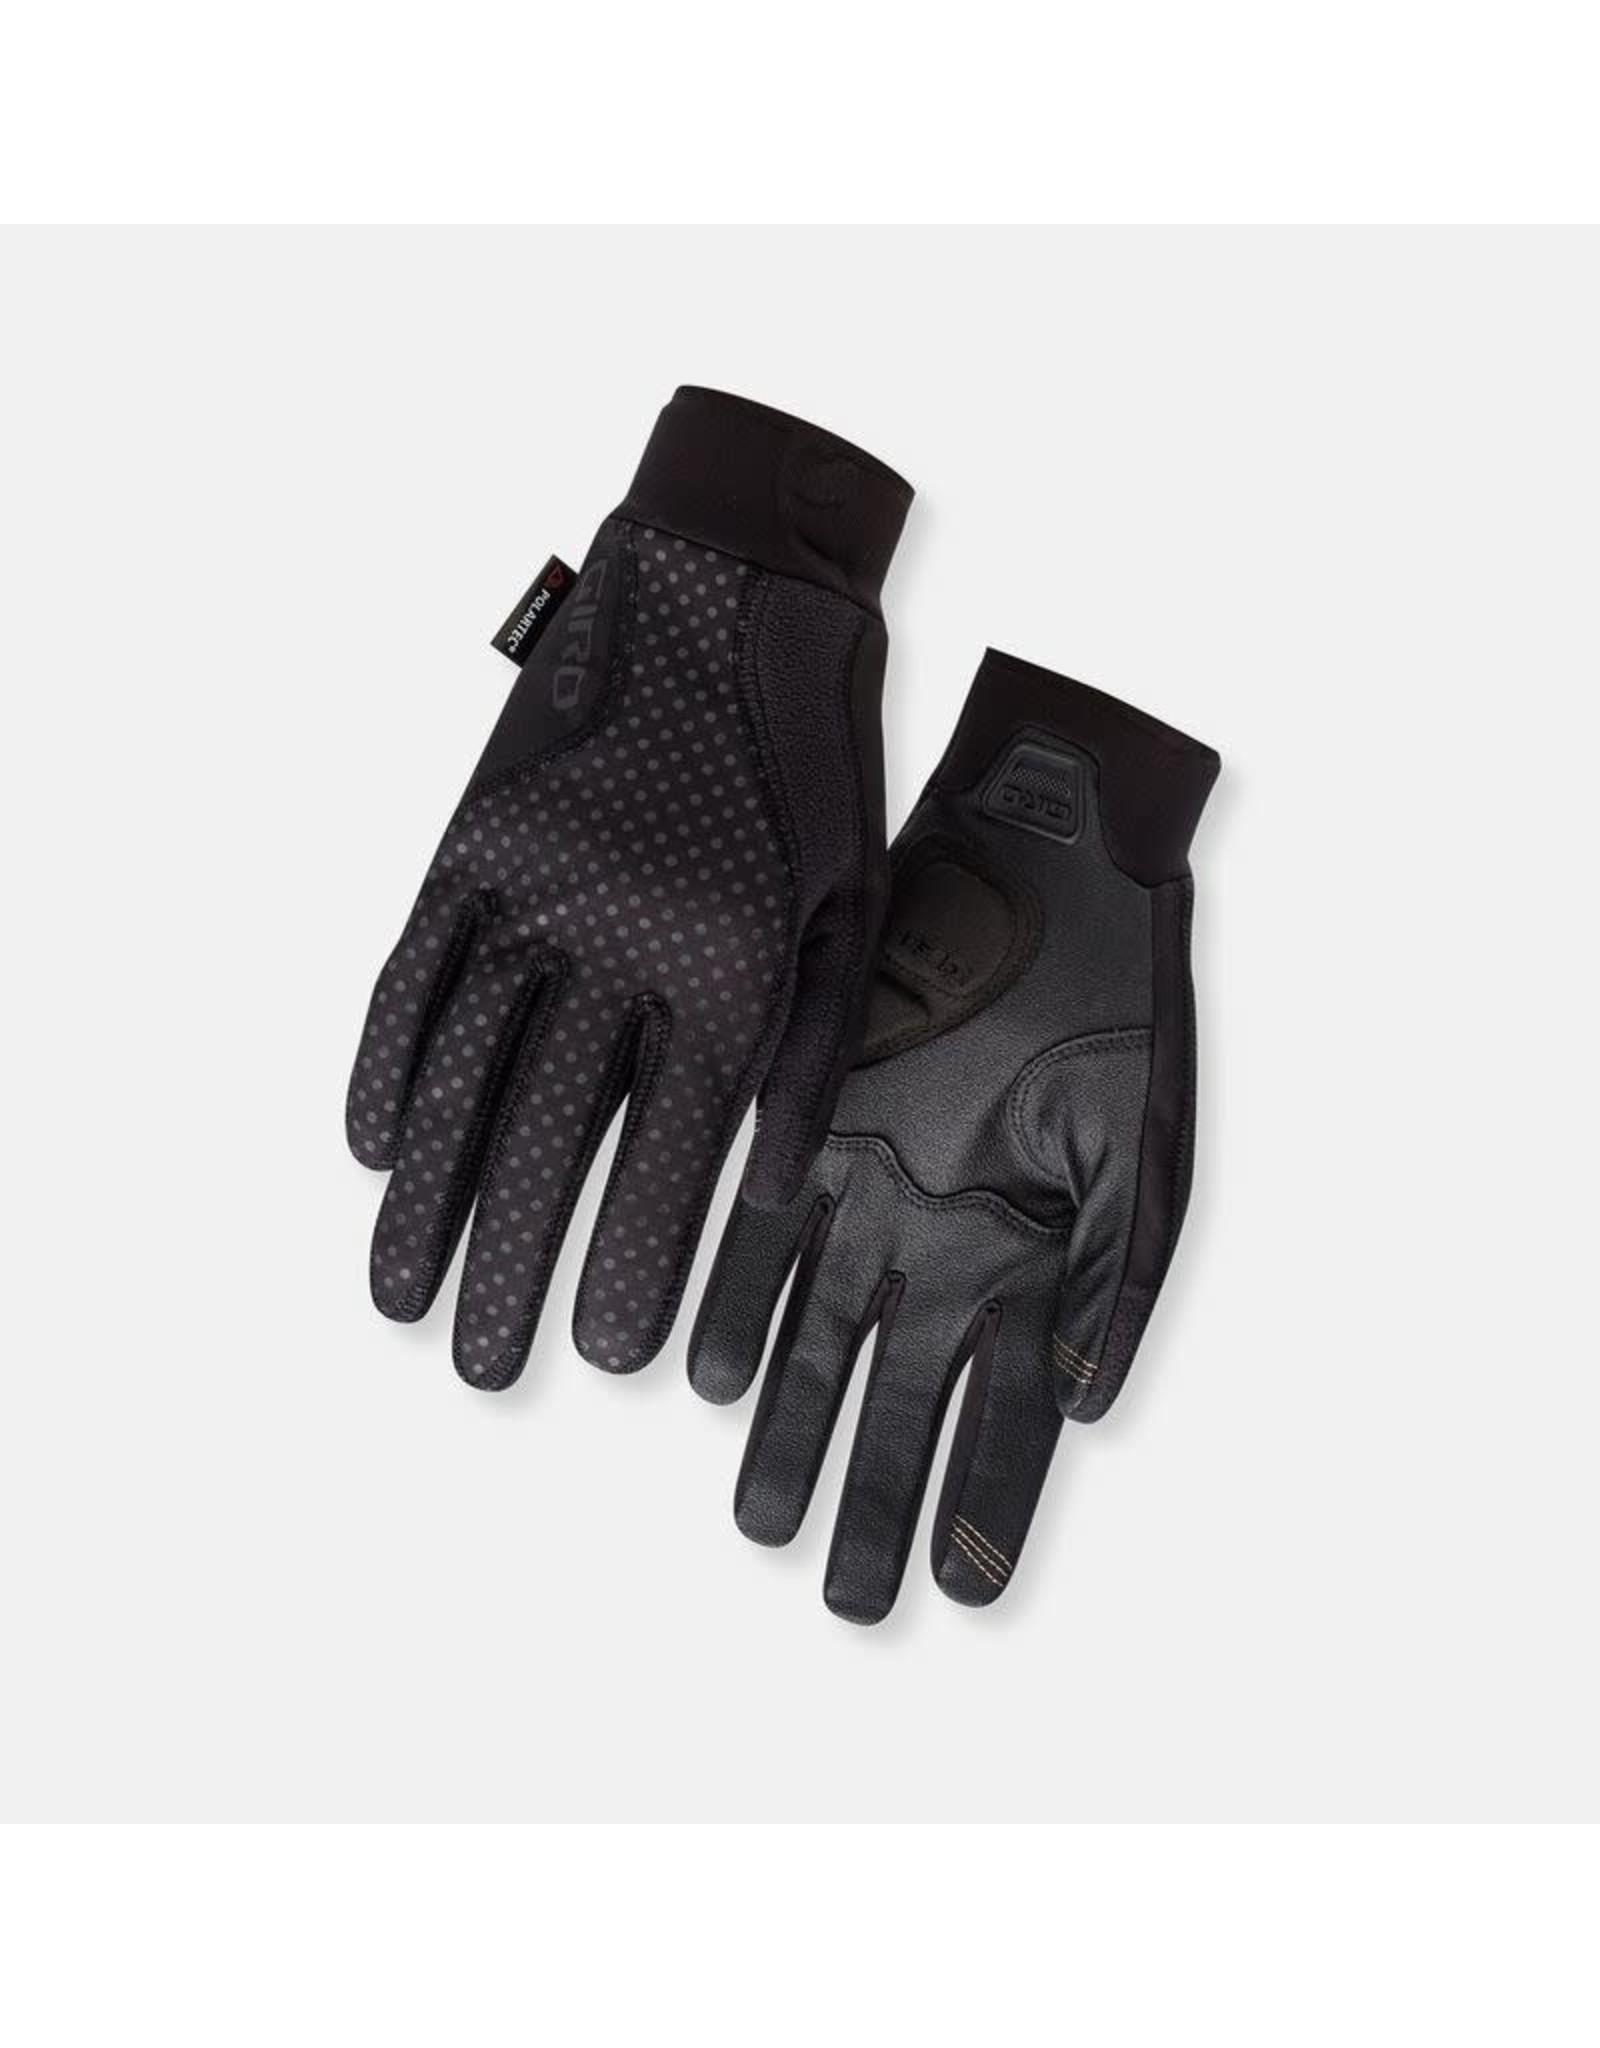 Giro Cycling Giro Inferna Women's Winter Glove